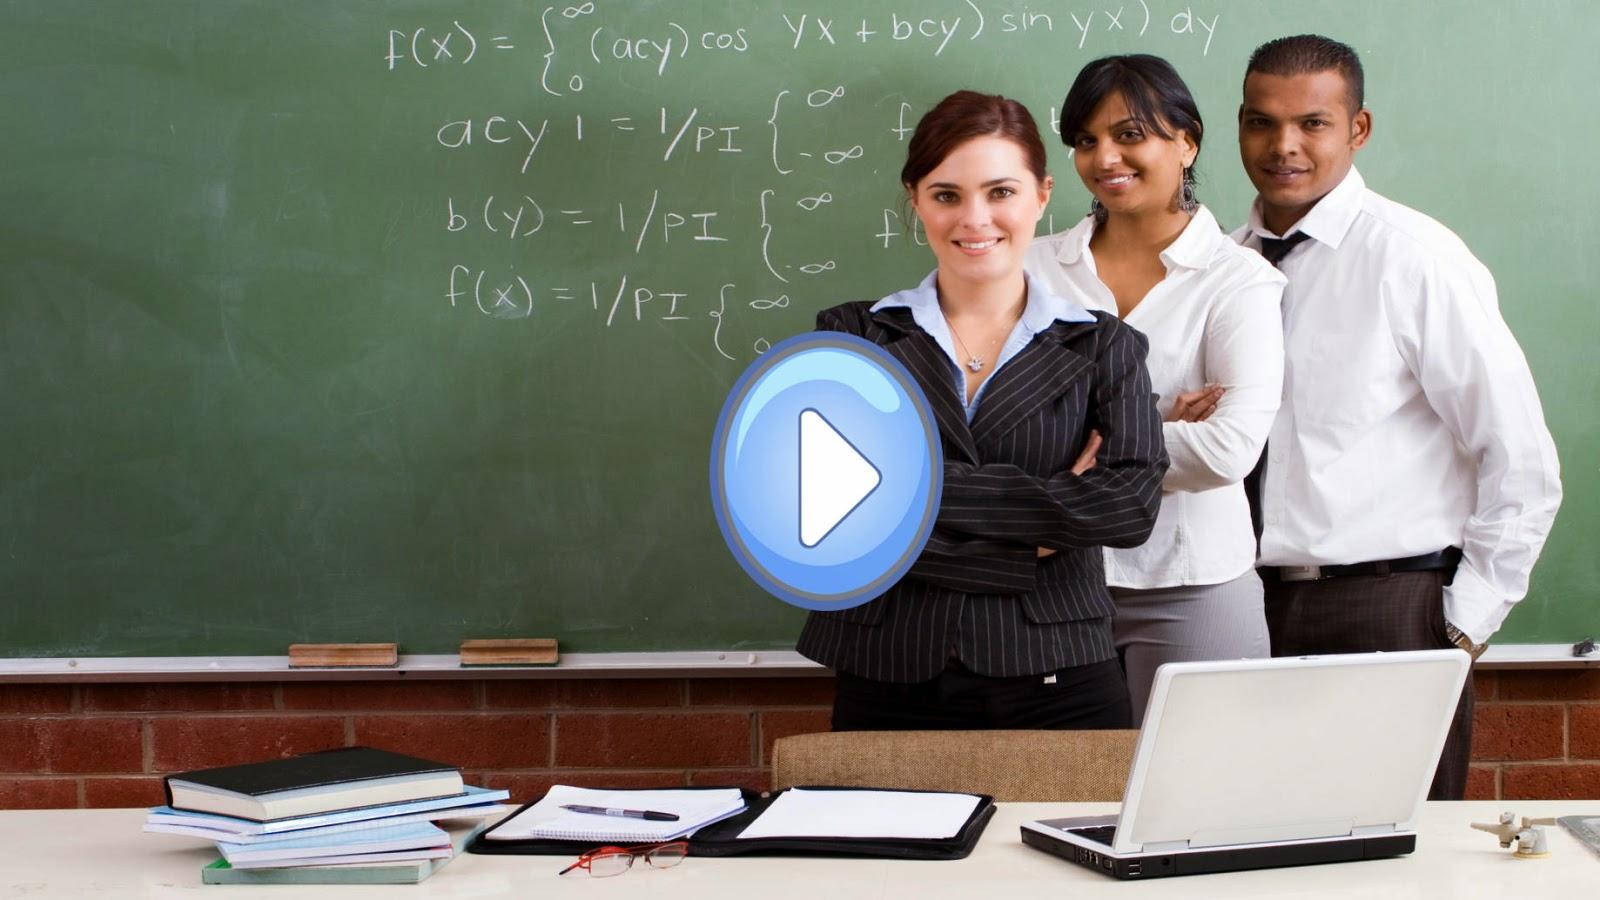 Idea 18 de 1000 ideas de tesis: La evaluación en Matemáticas desde el punto de vista de los profesores frente a grupo: varias formas, varias necesidades